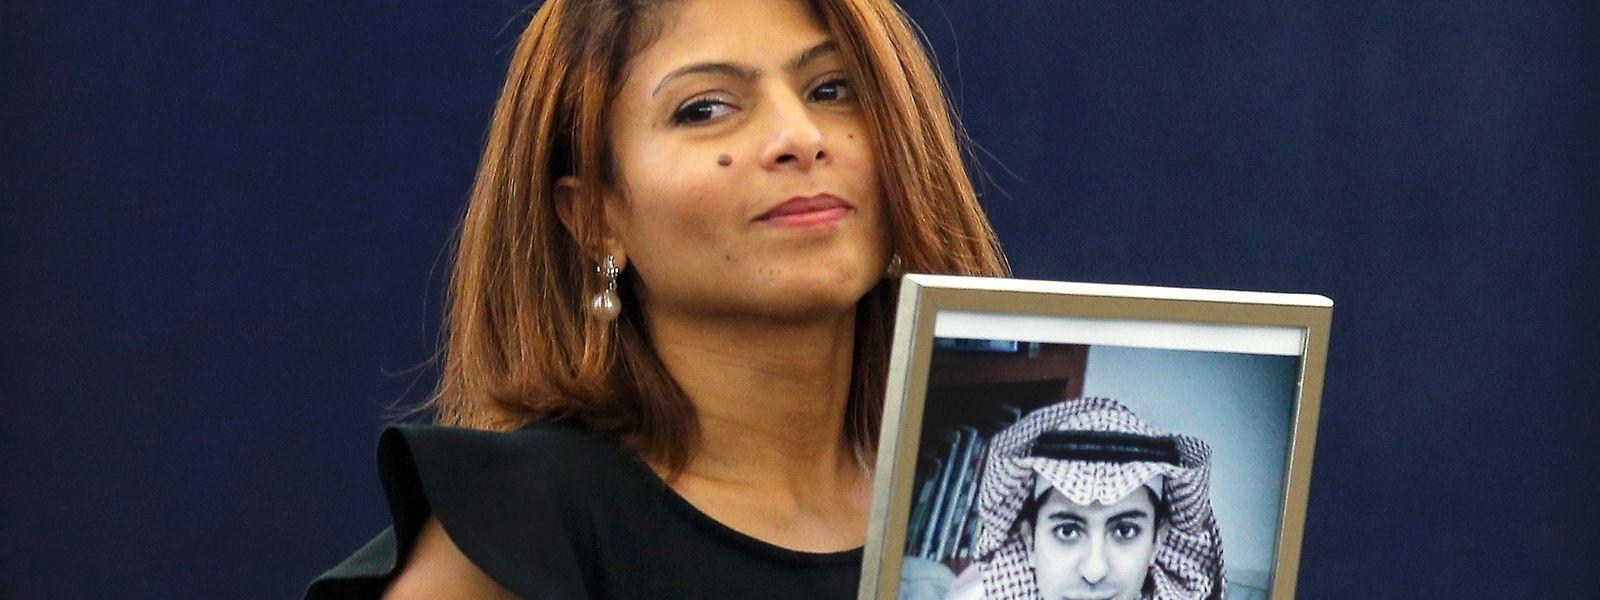 Ensaf Haidar montre un portrait de son mari Raïf Badawi, après avoir reçu le prix Sakharov décerné au blogueur saoudien.